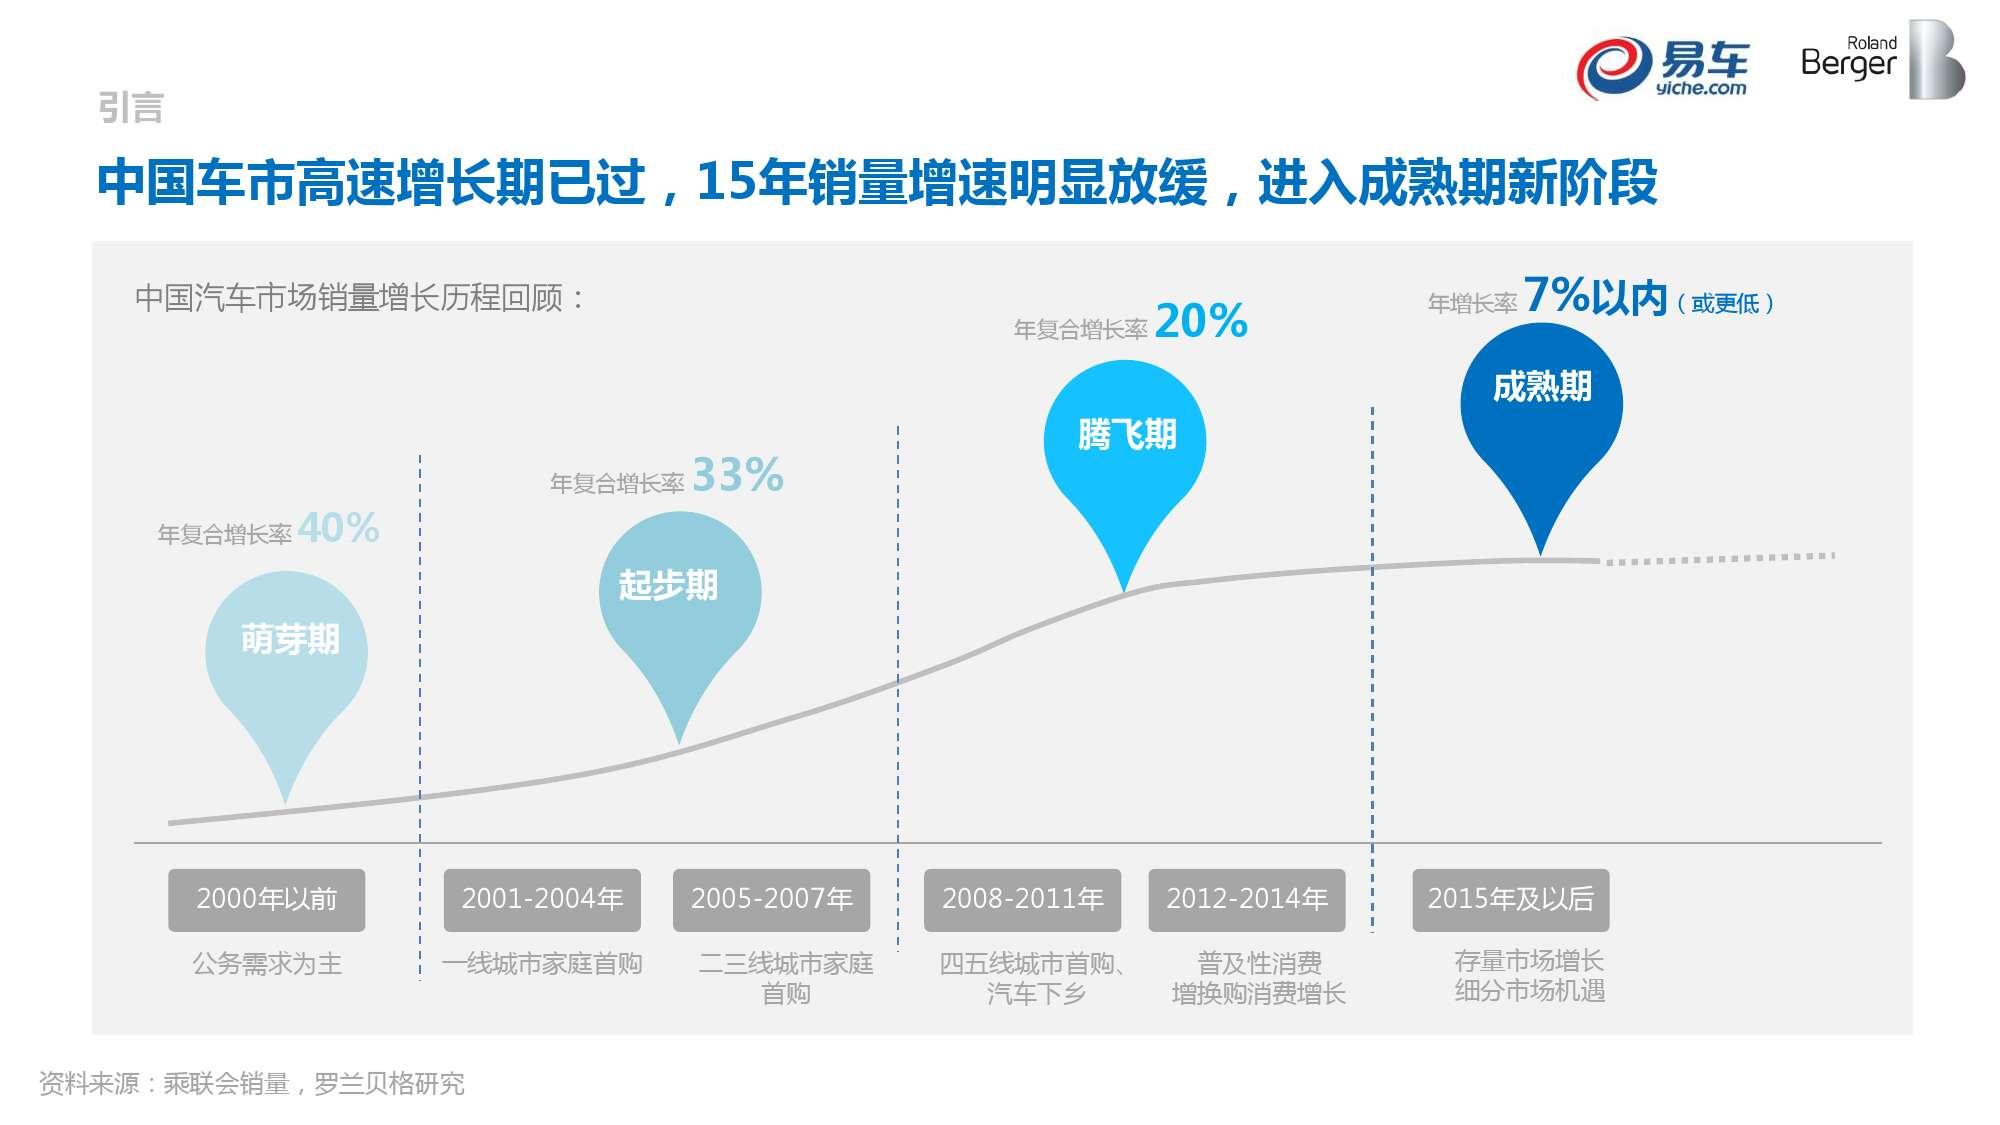 2015中国汽车消费者洞察报告_000003